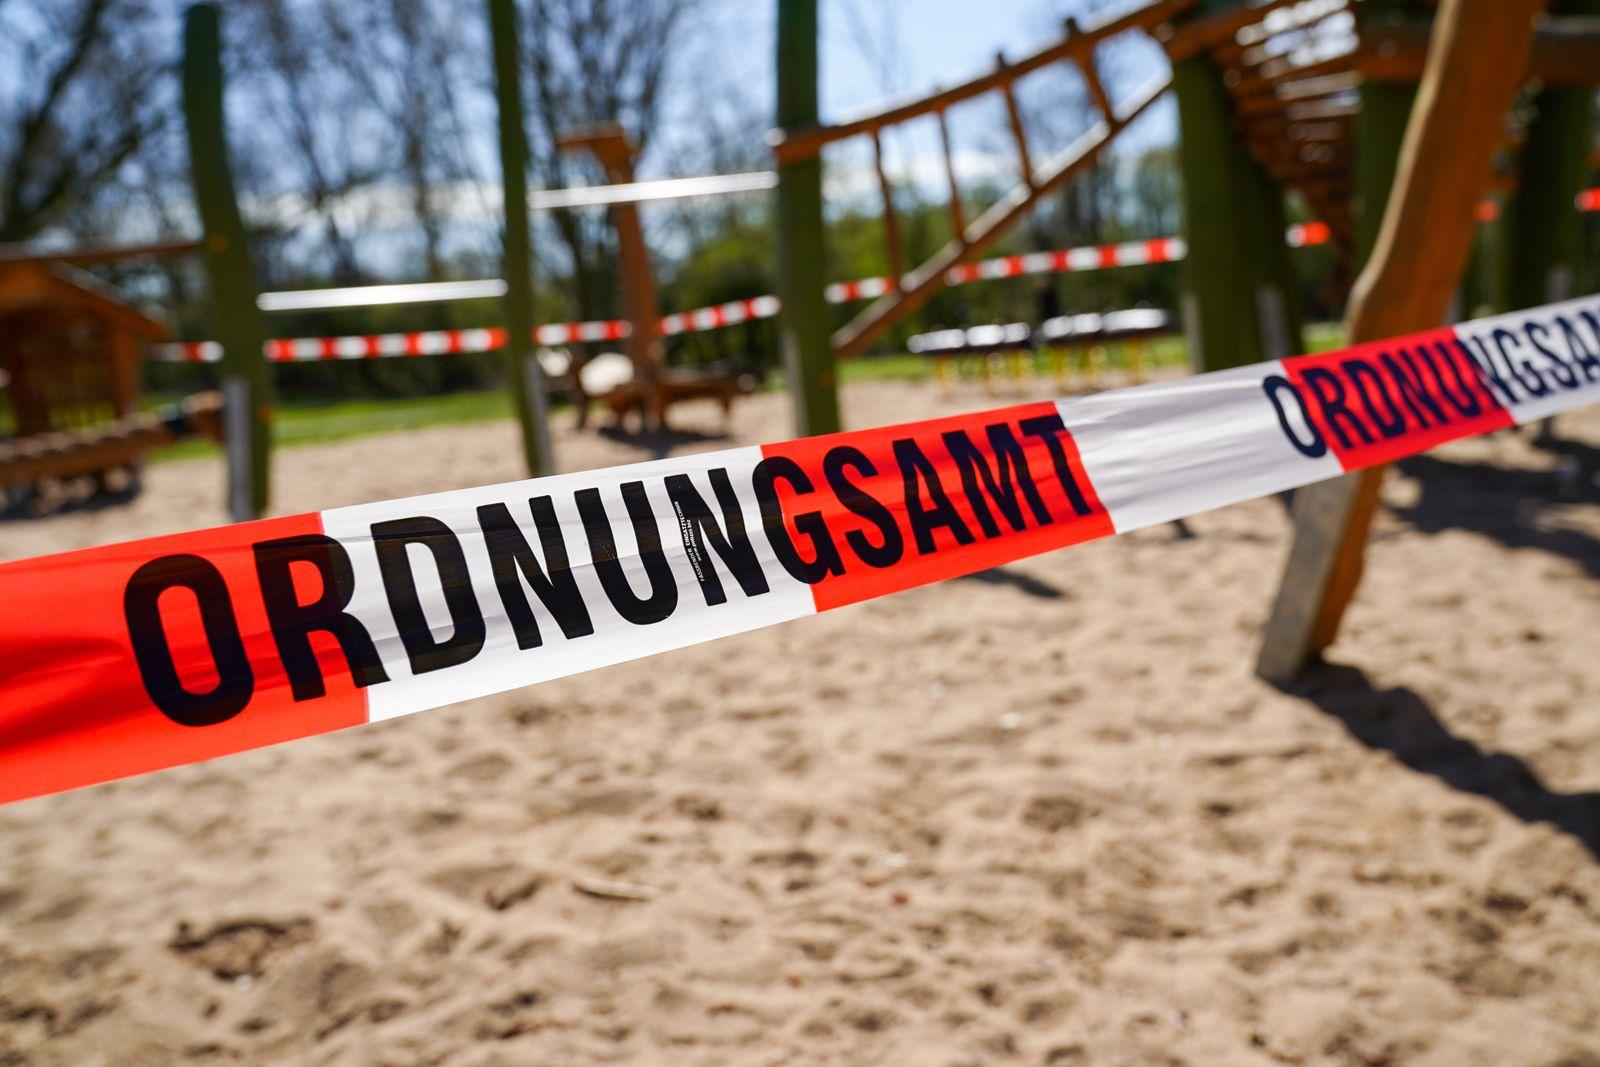 Symbolbild, Symbolfoto von geschlossenem Spielplatz durch das Ordnungsamt in Koeln 30.03.2020